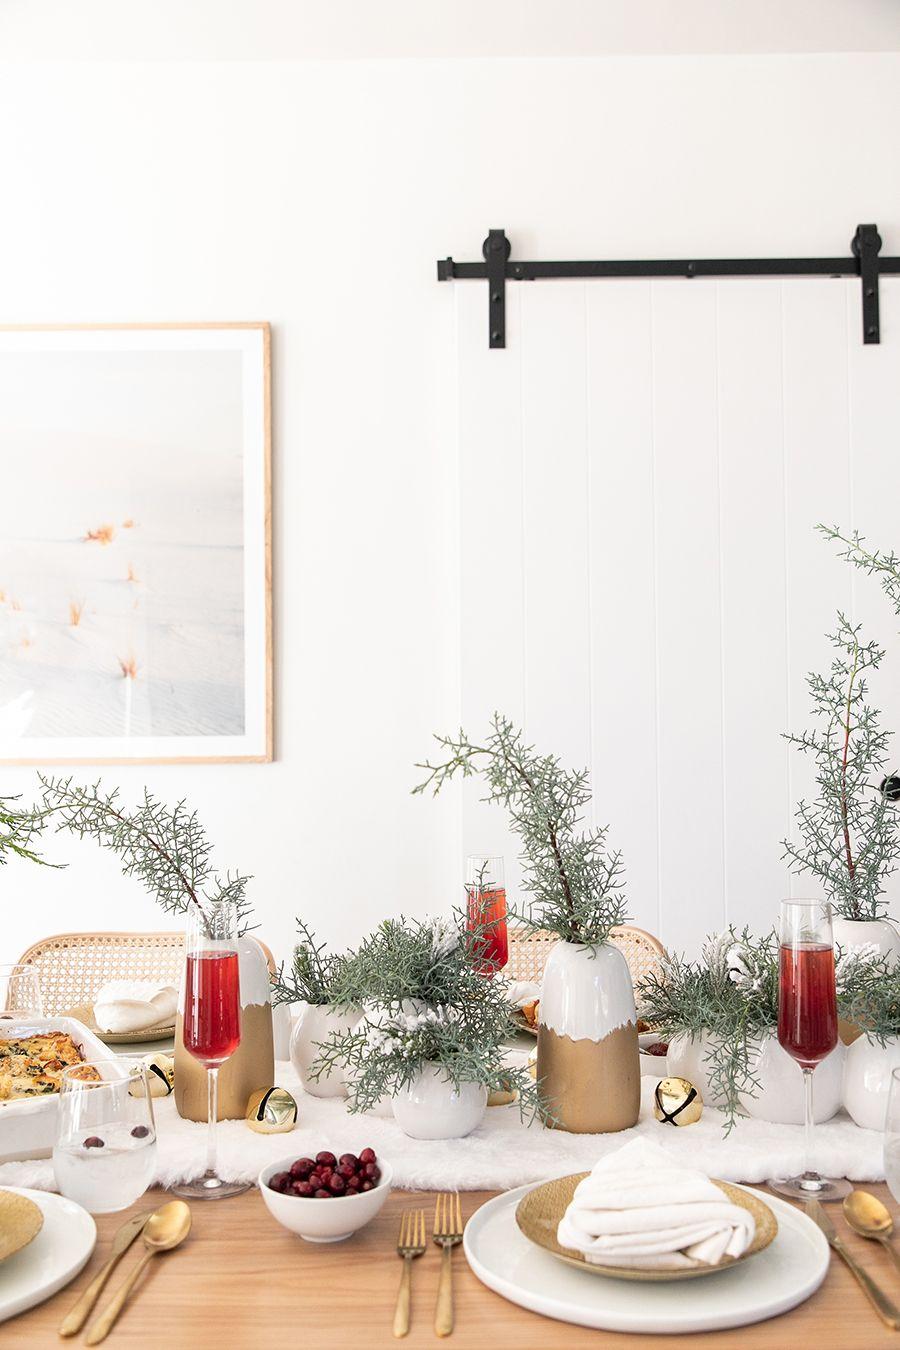 مدل میز قهوه ای با تزئین شاخه کریسمس 2020